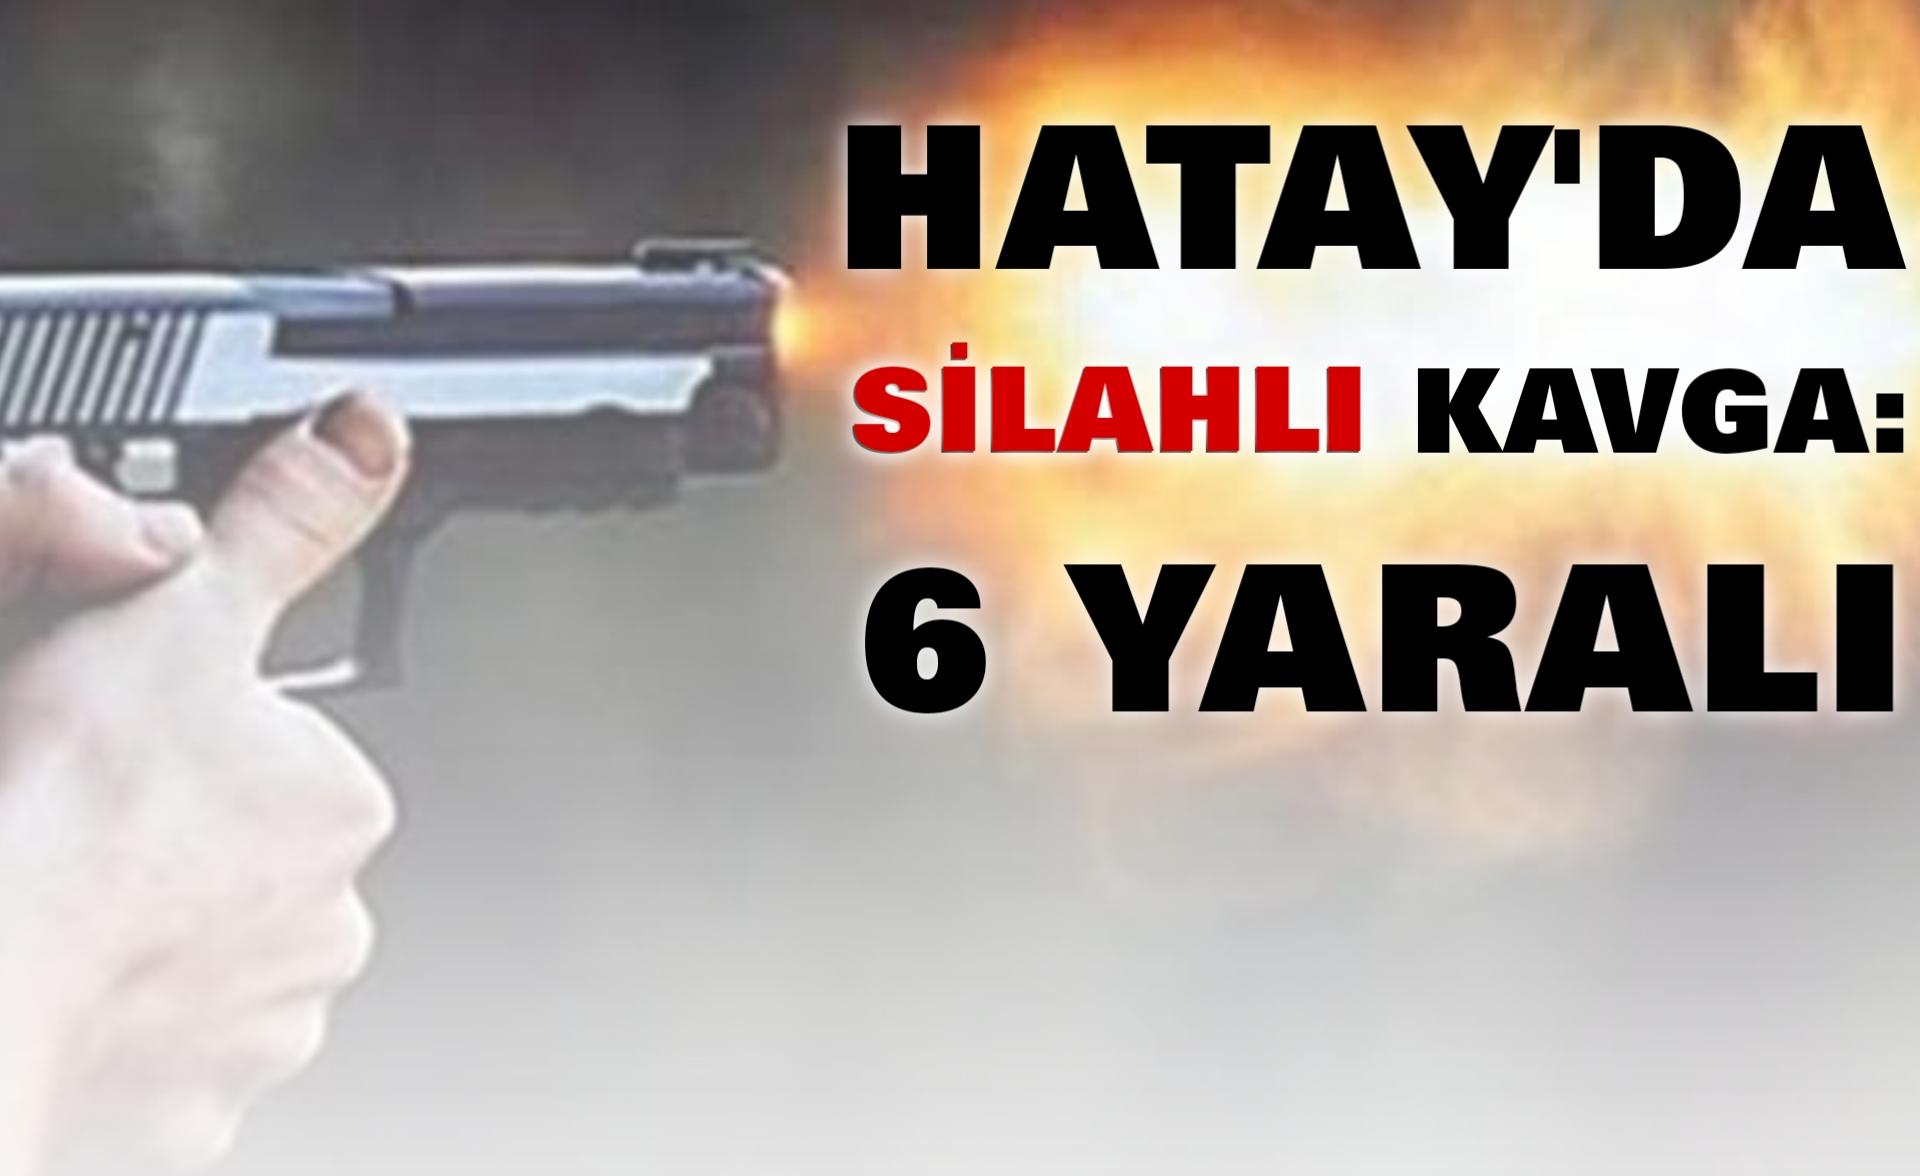 Hatay'da Silahlı Kavga: 6 Yaralı